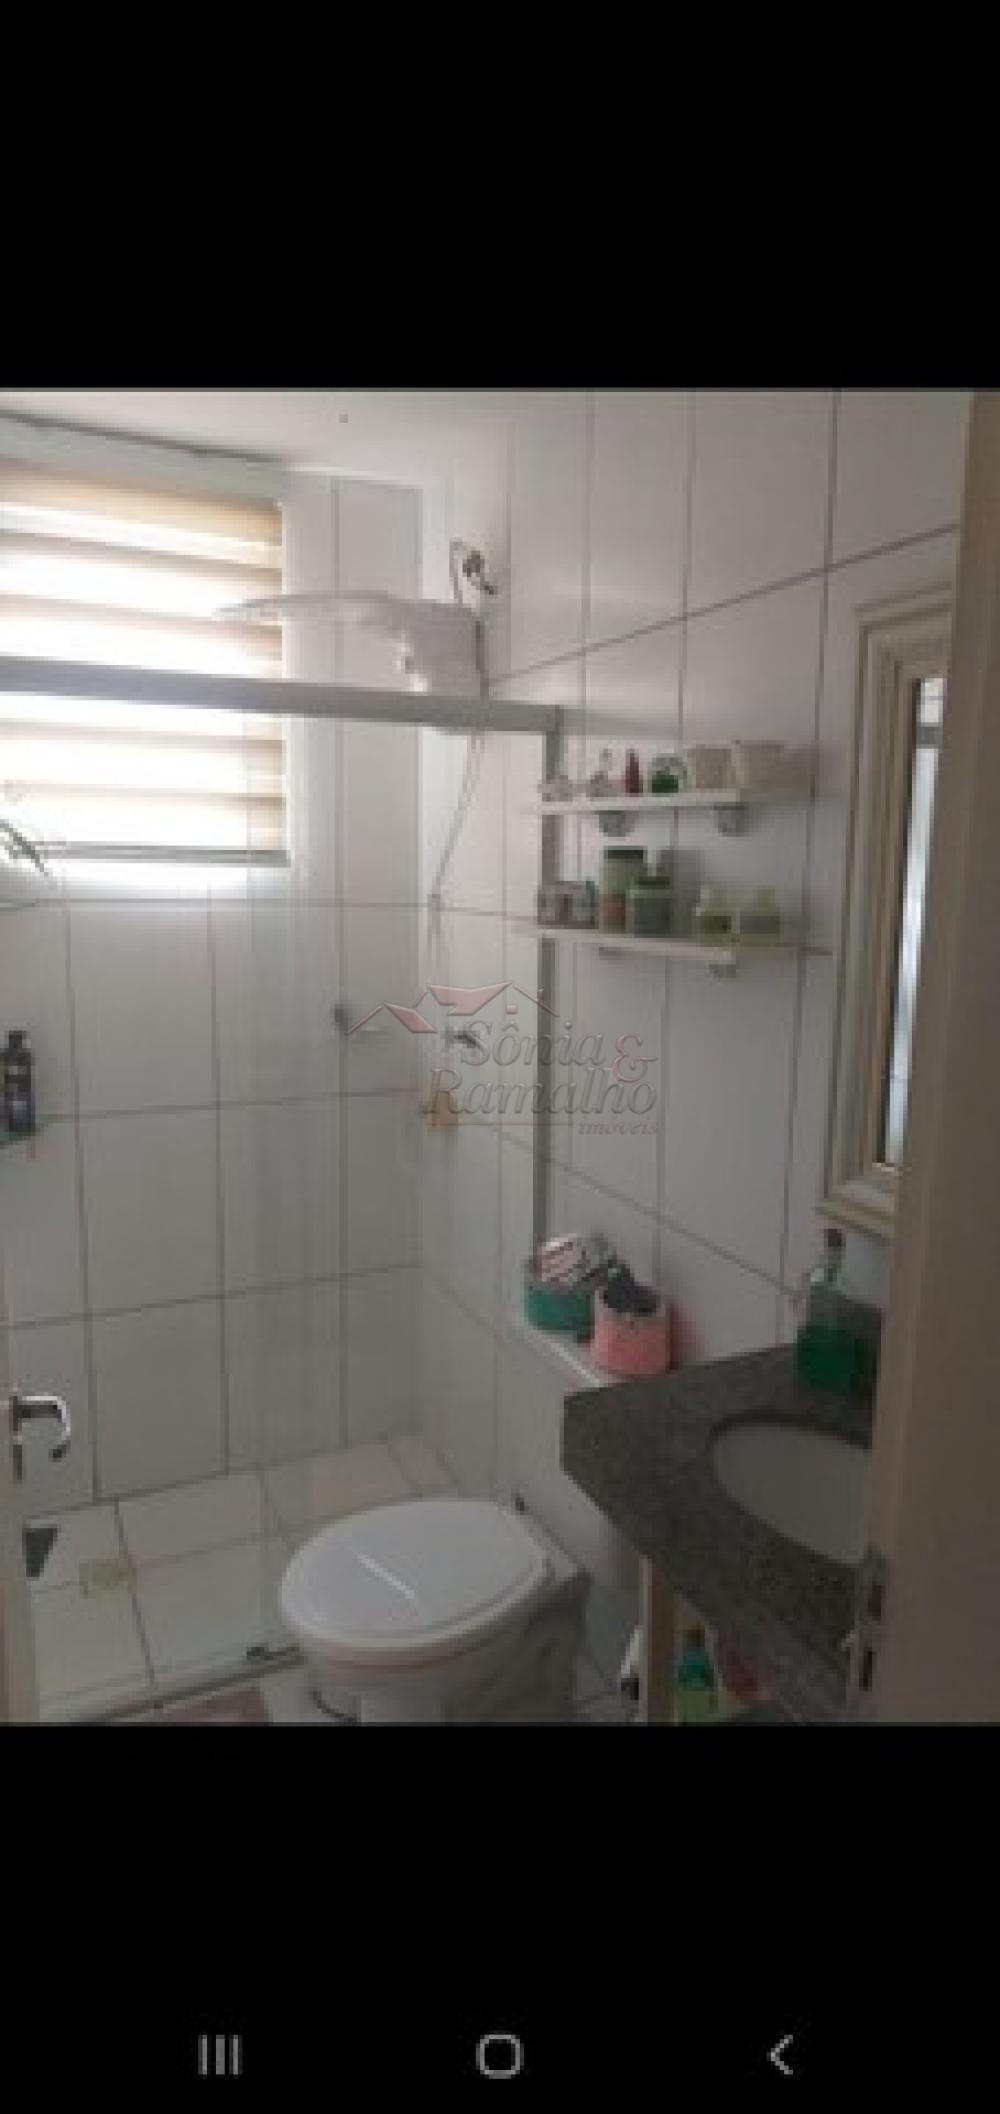 Comprar Apartamentos / Padrão em Ribeirão Preto apenas R$ 170.000,00 - Foto 6